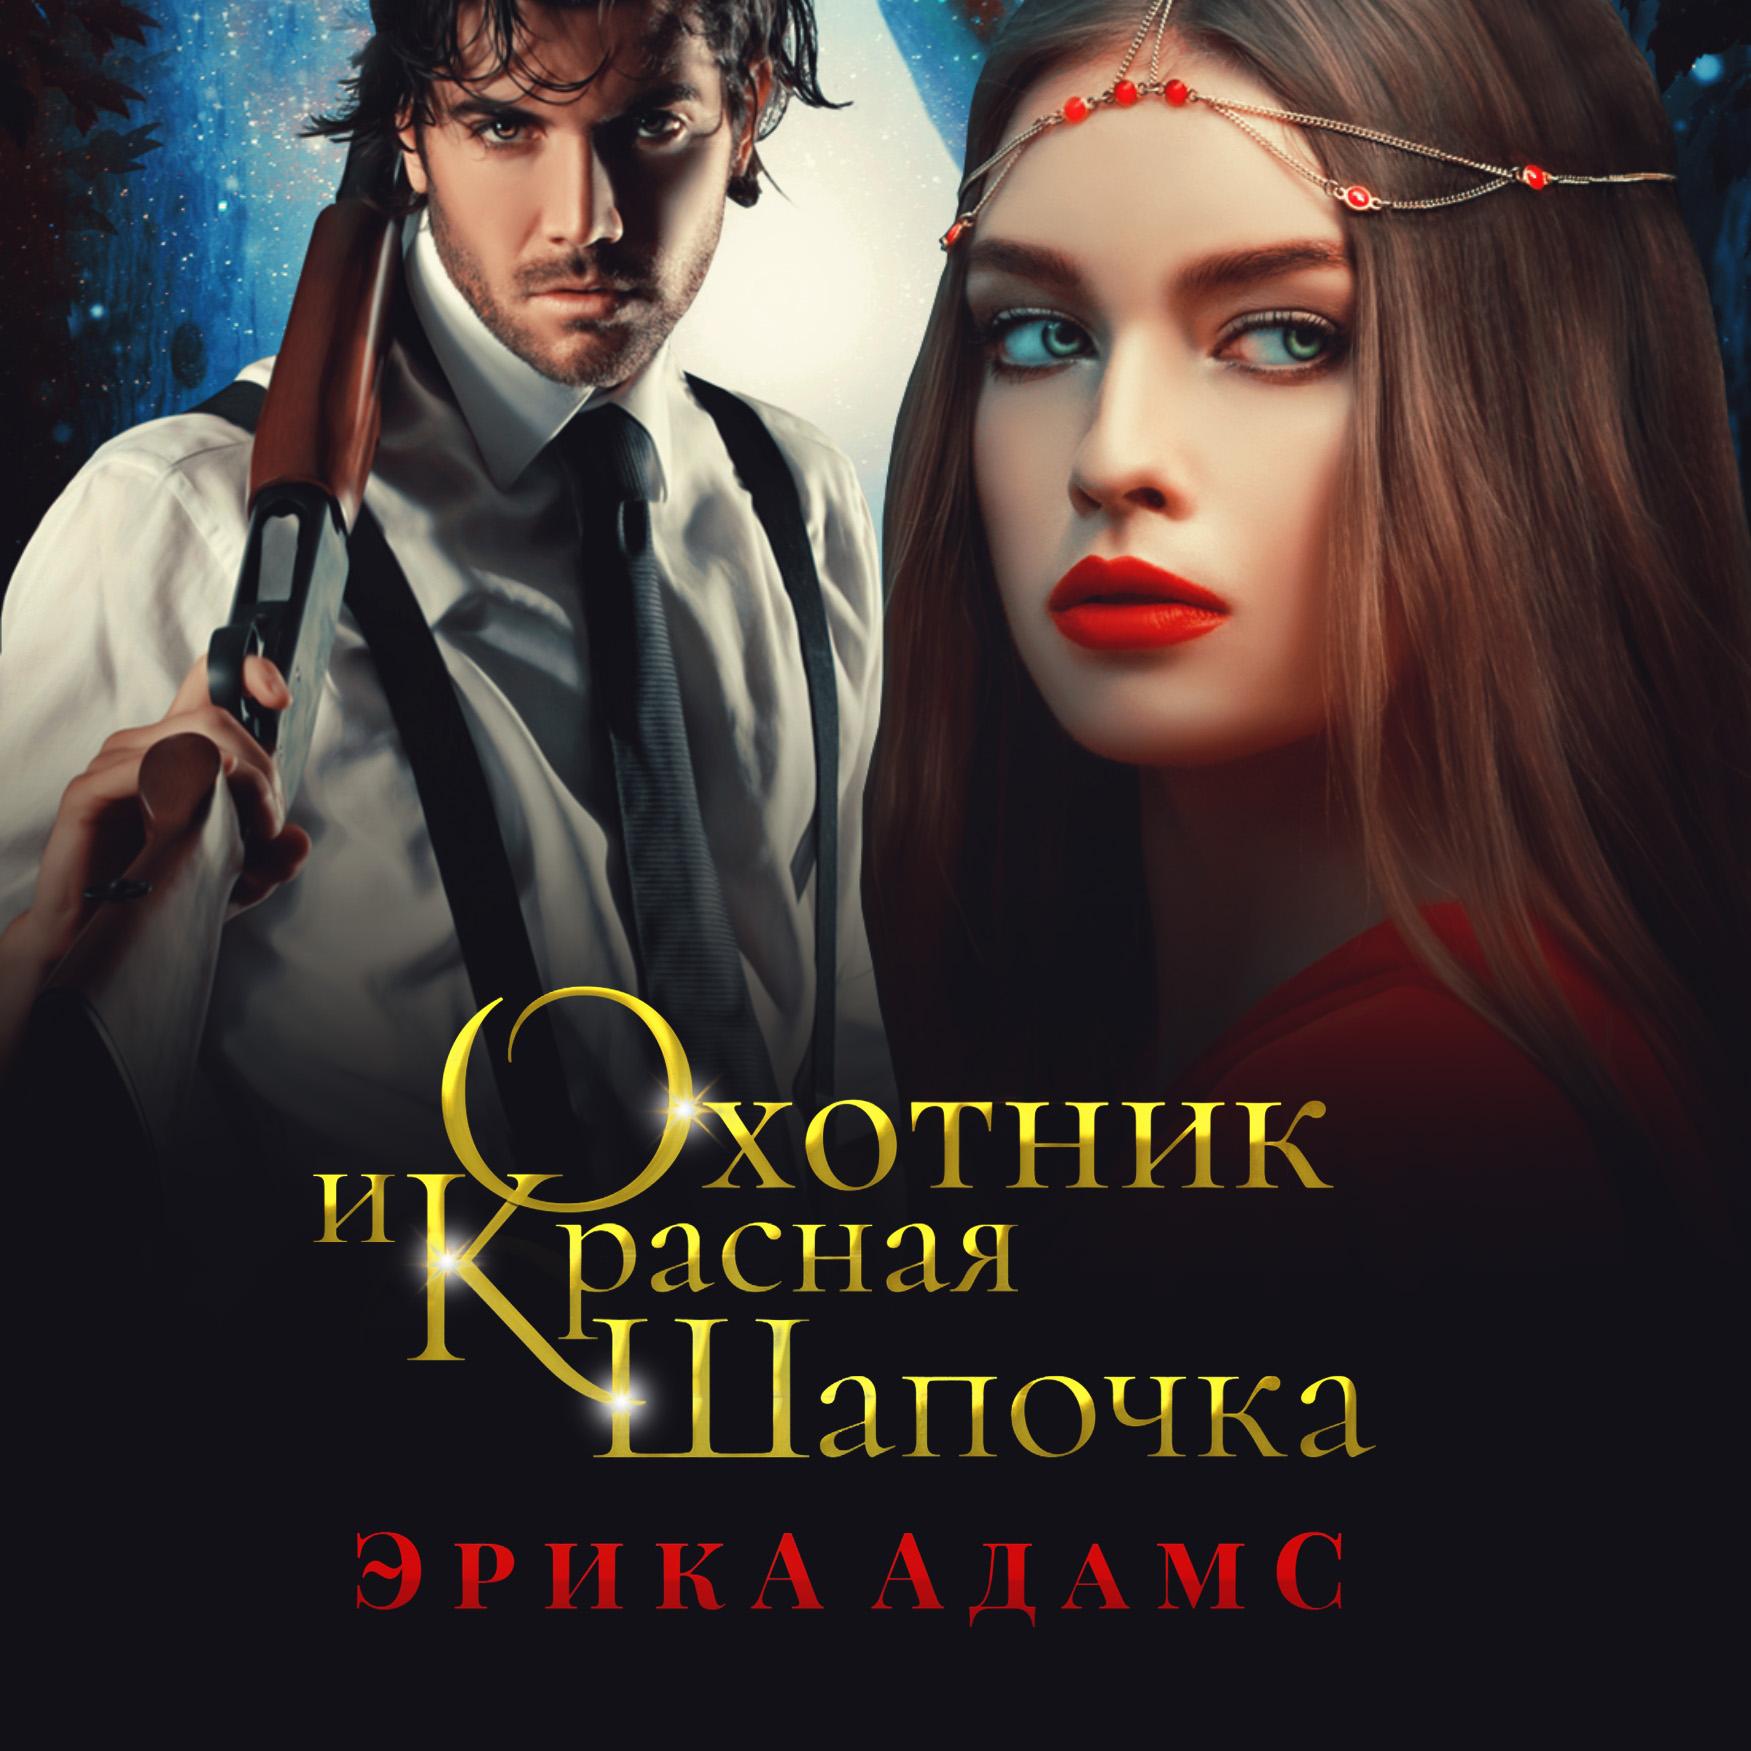 Купить книгу Охотник и Красная Шапочка, автора Эрики Адамс